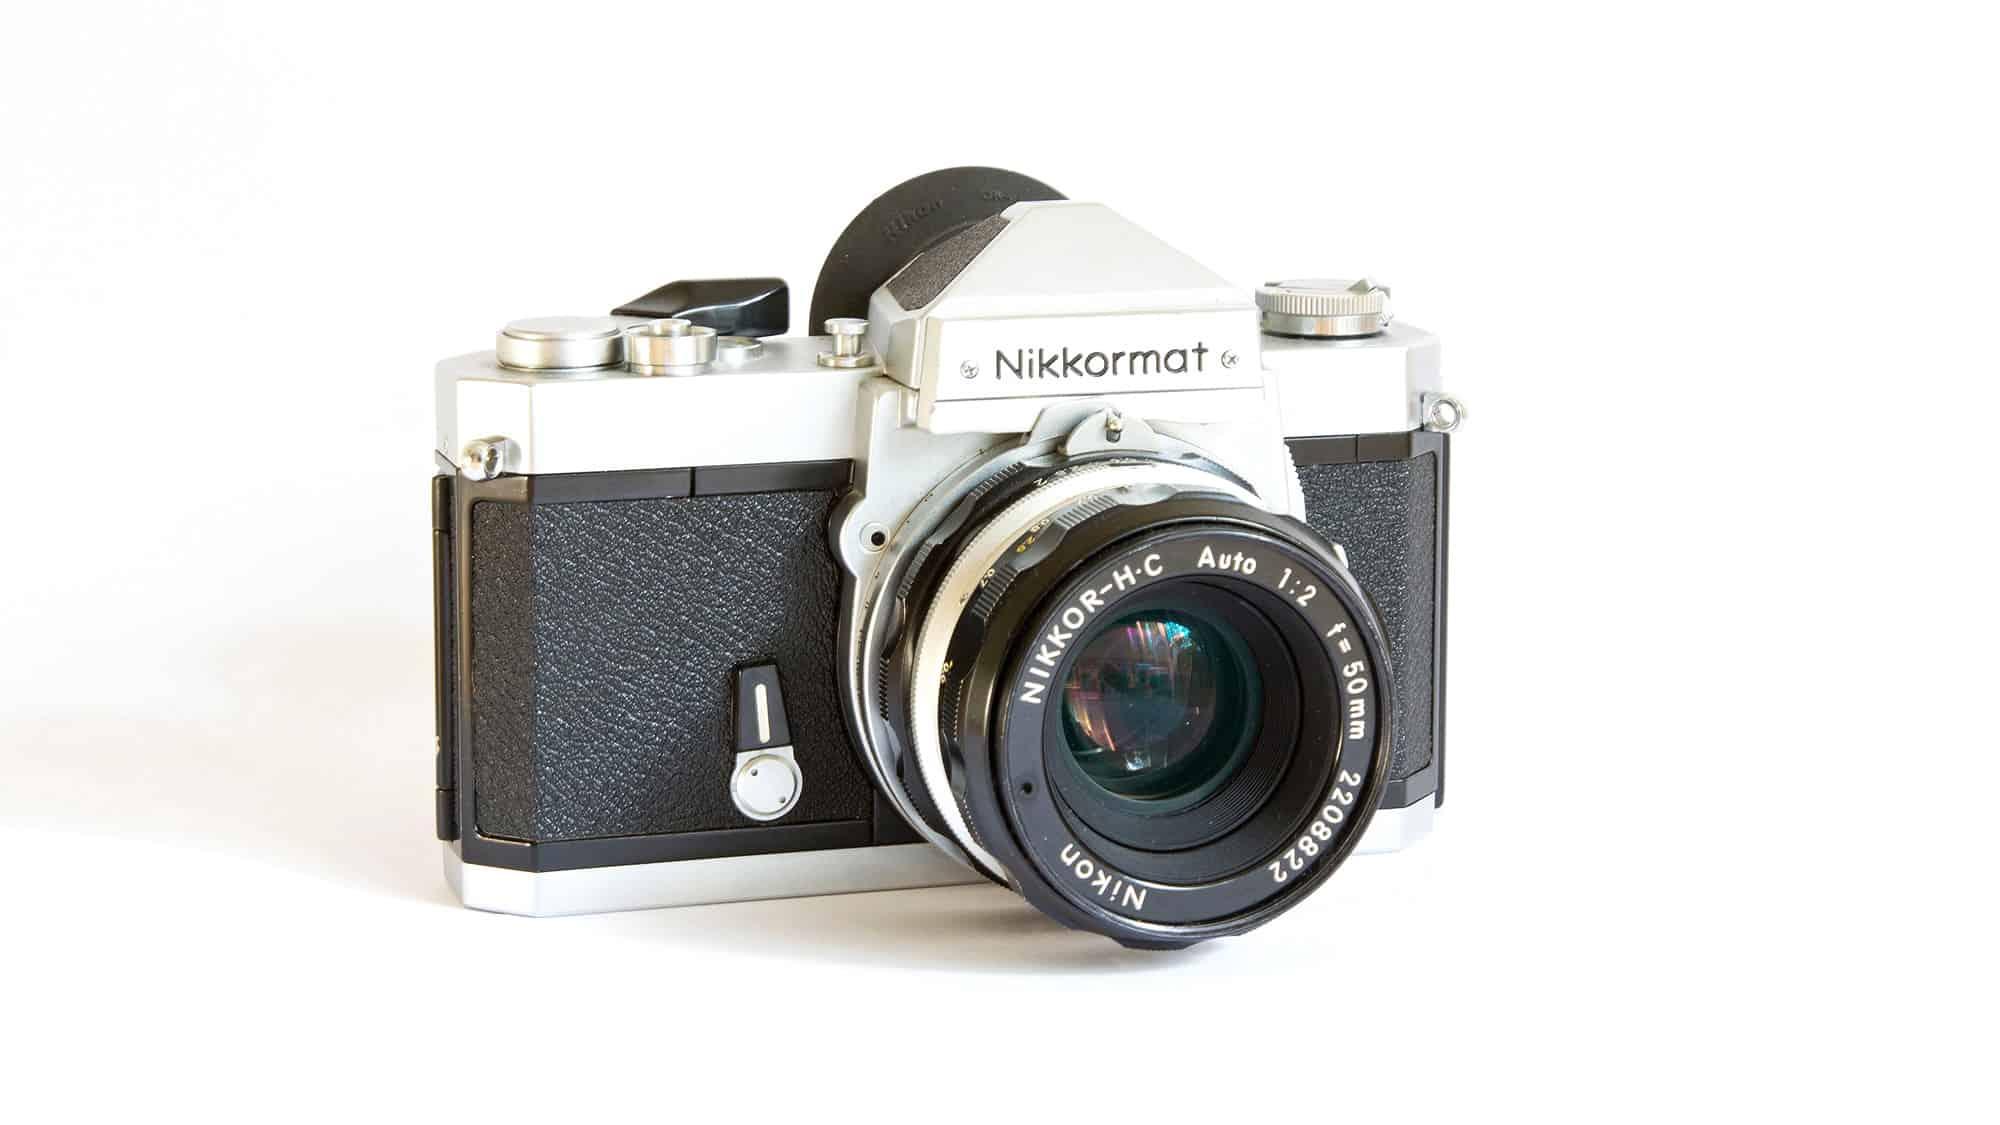 Nikkormat FTN SLR 35mm camera